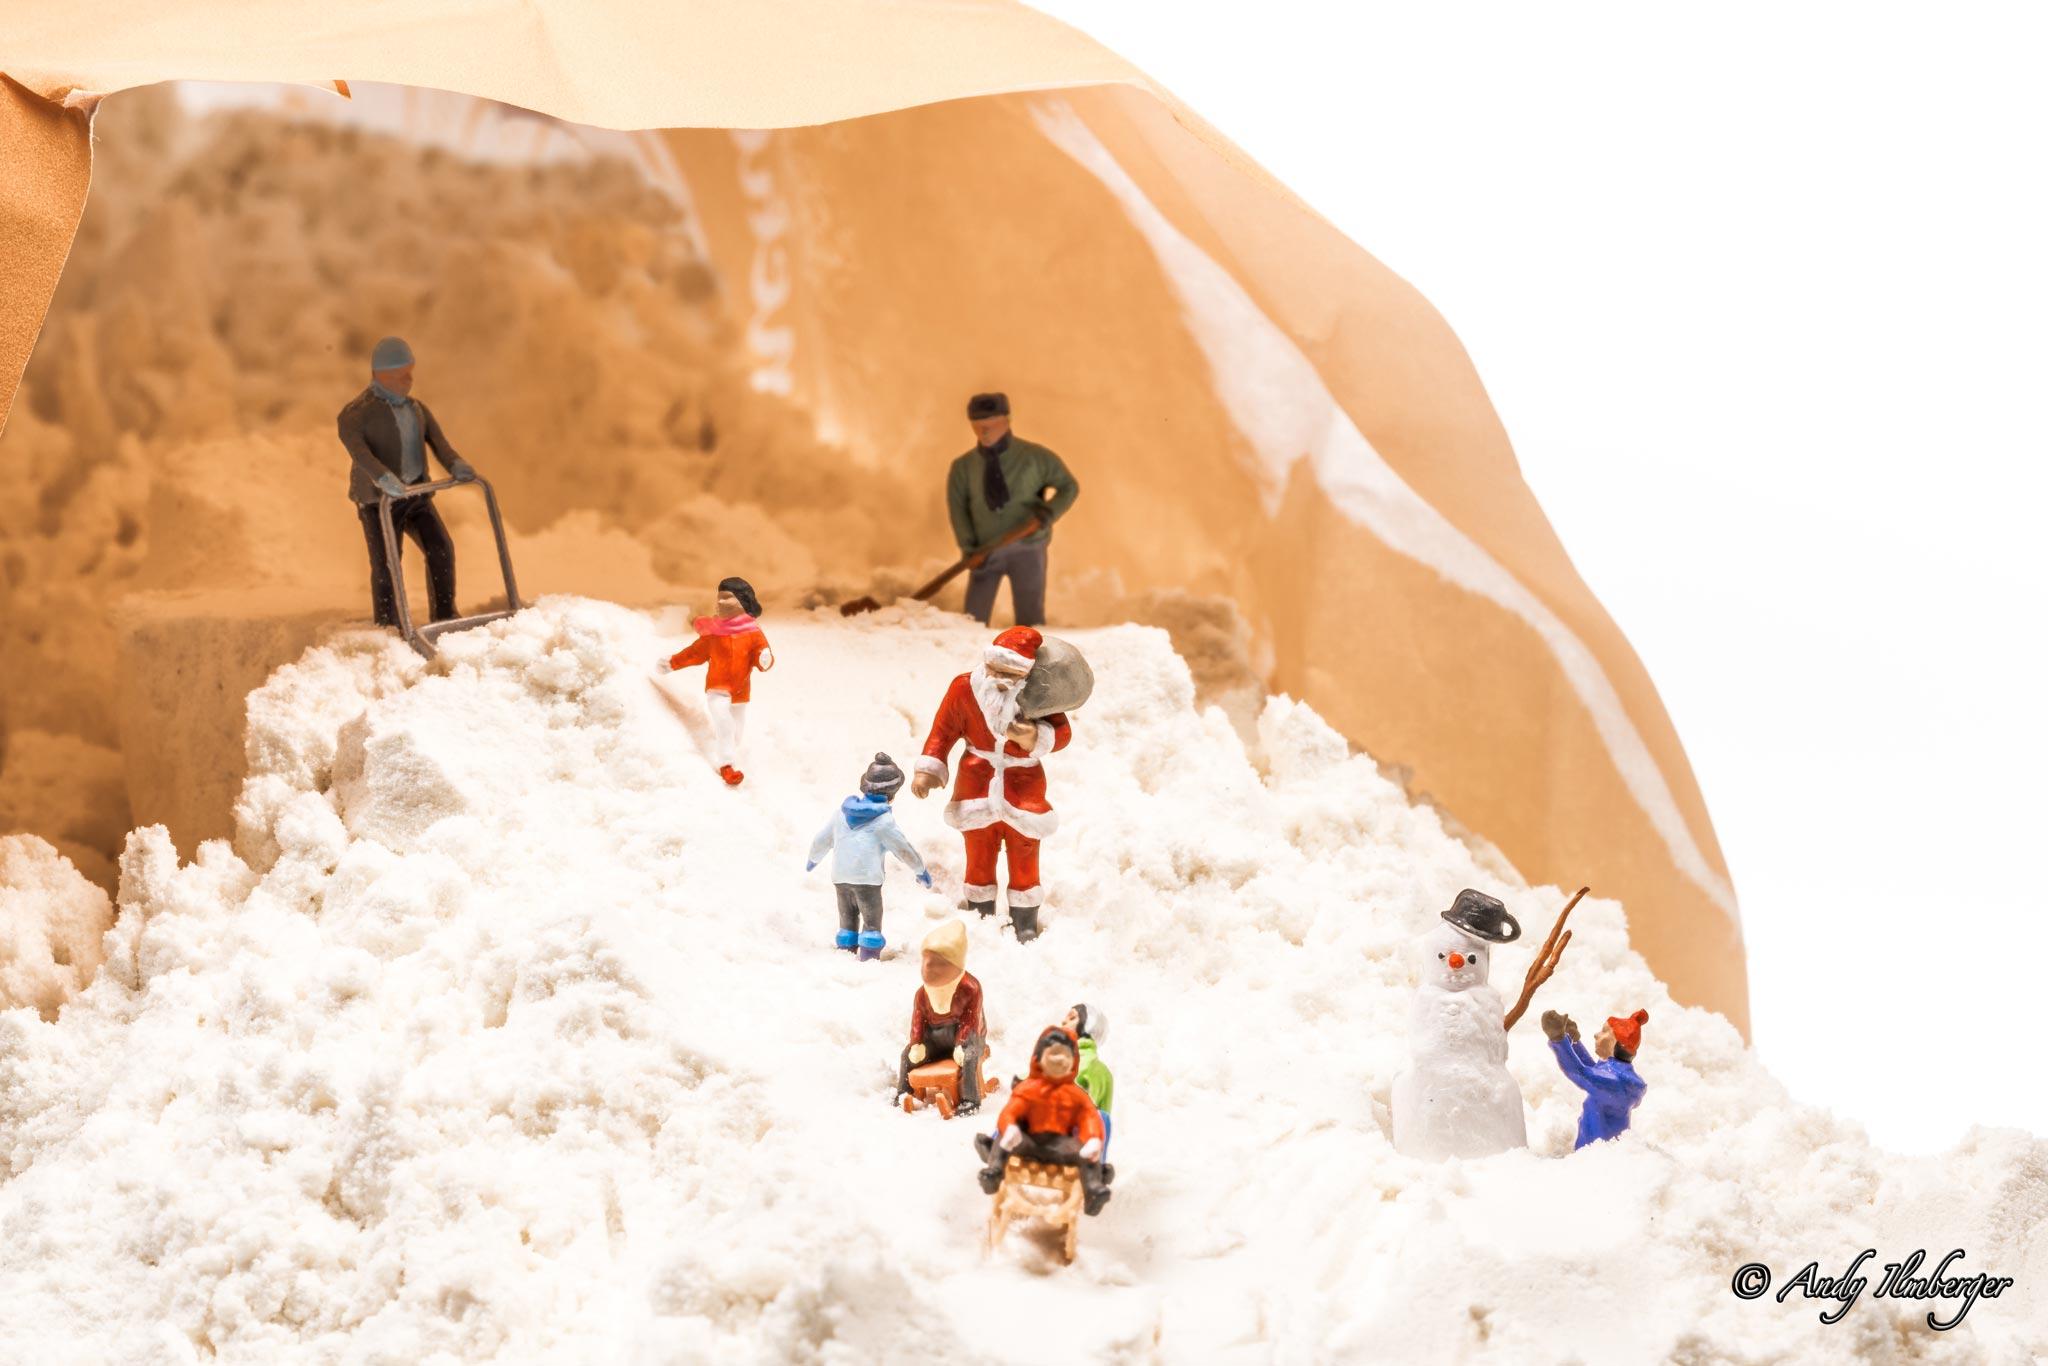 H0-Helden - Kleine Helden feiern weiße Weihnachten - H0-Figuren in Szene gesetzt von © Andy Ilmberger im Kleine-Helden.Club